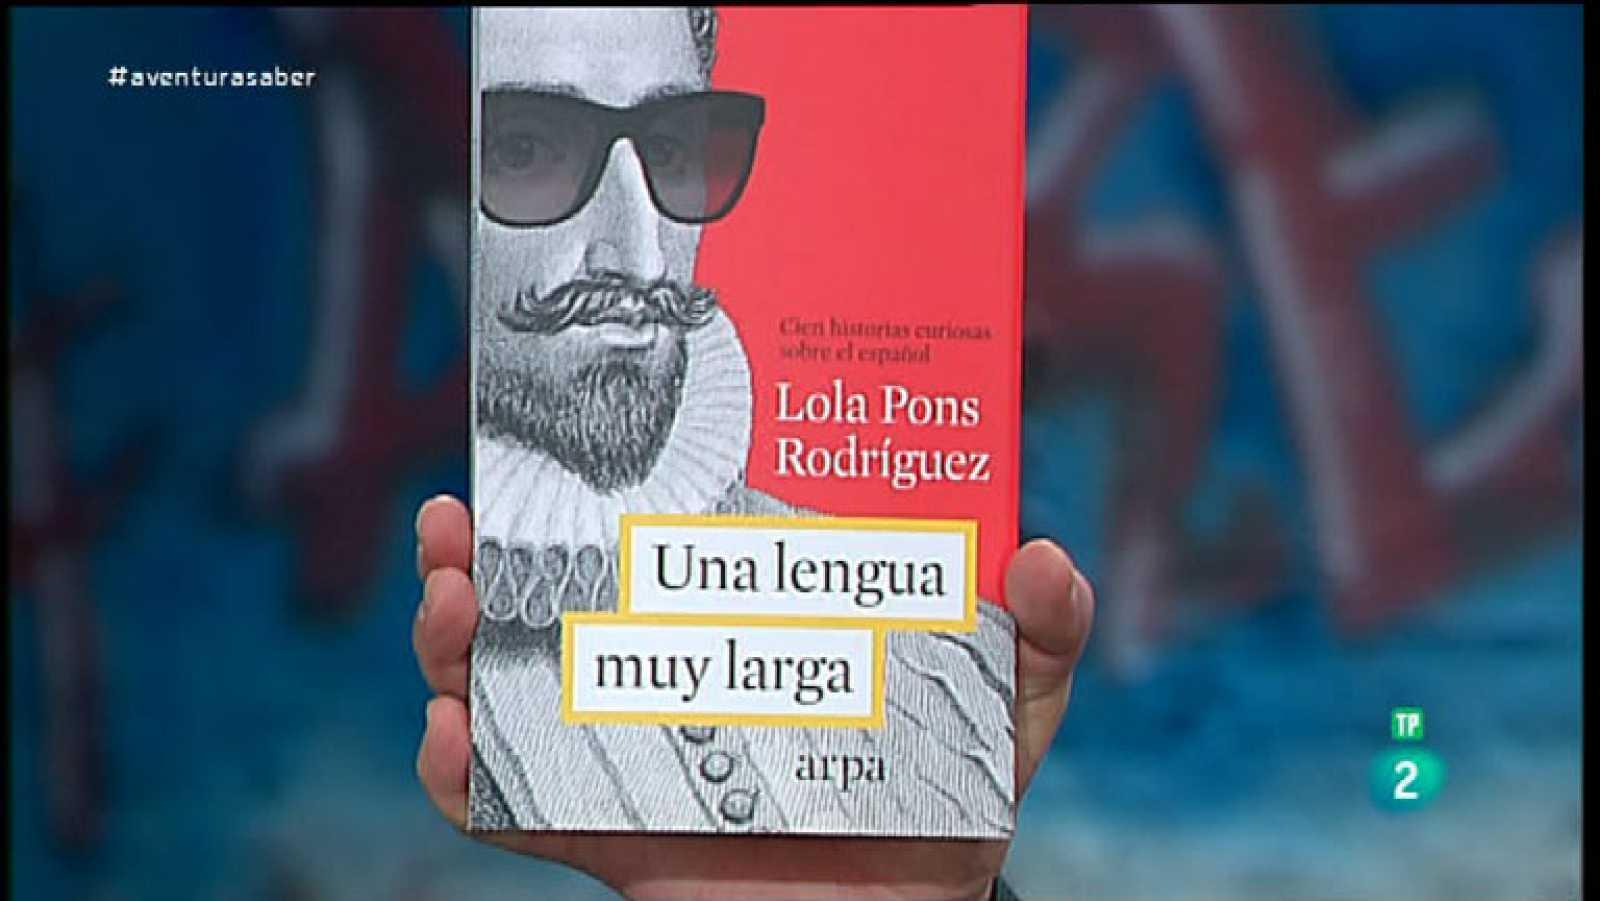 La Aventura del Saber.  ¿Una lengua muy larga¿, Lola Pons Rodríguez.